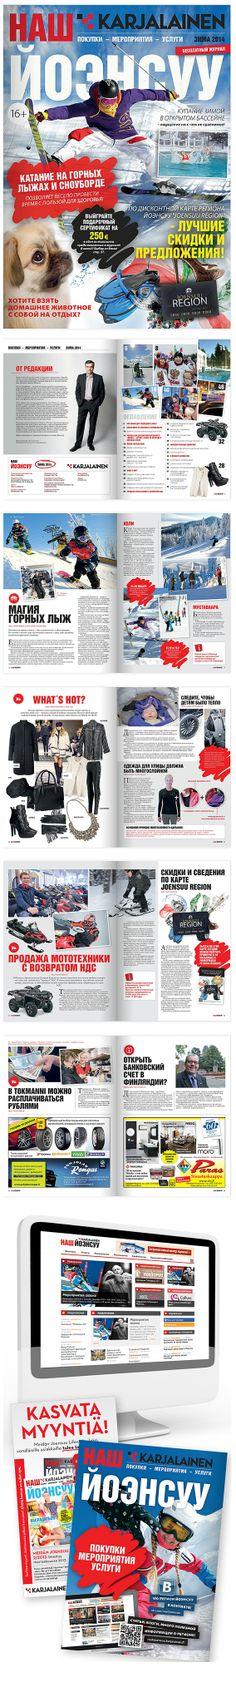 """""""Meidän Joensuu"""" -AIKAKAUSILEHTI; Venäläisille kuluttajille suunnattu aikakausilehti"""